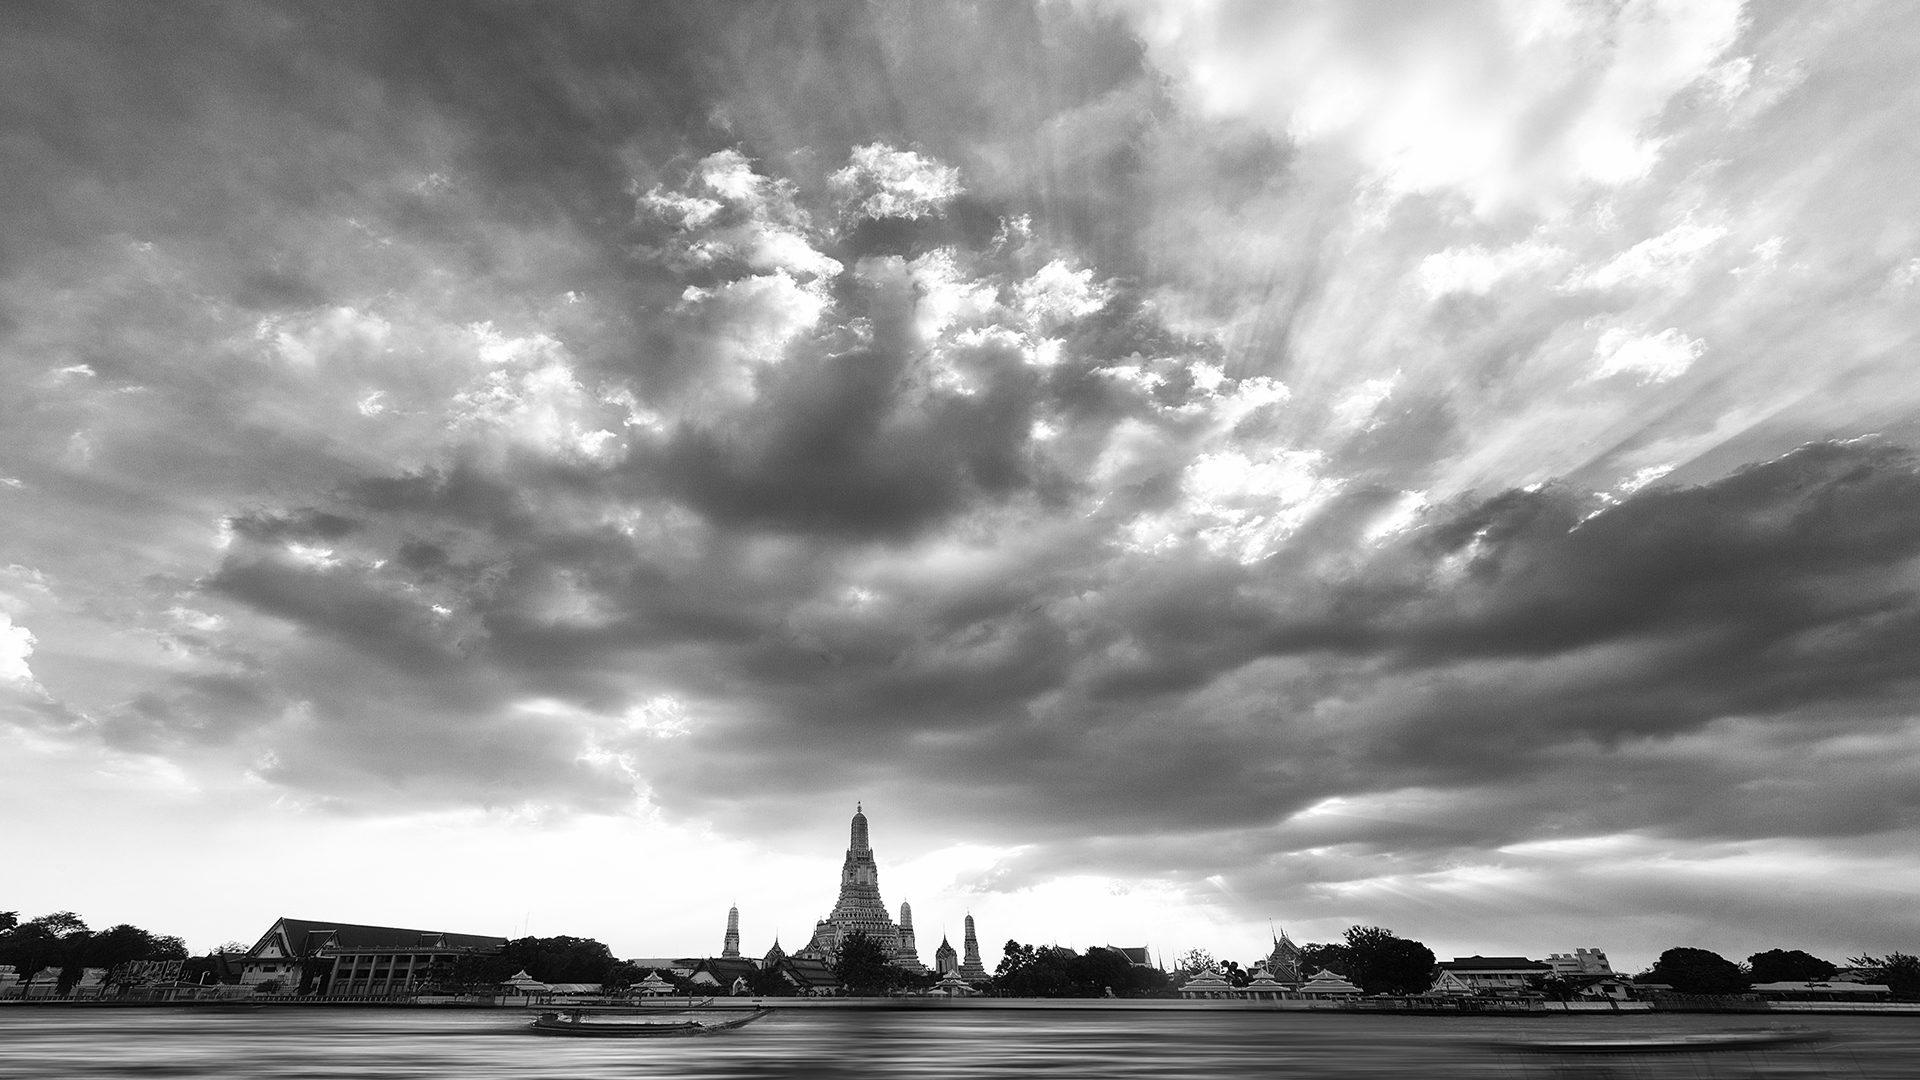 AlmudenaPlaza-Thailand-Bangkok-watarun